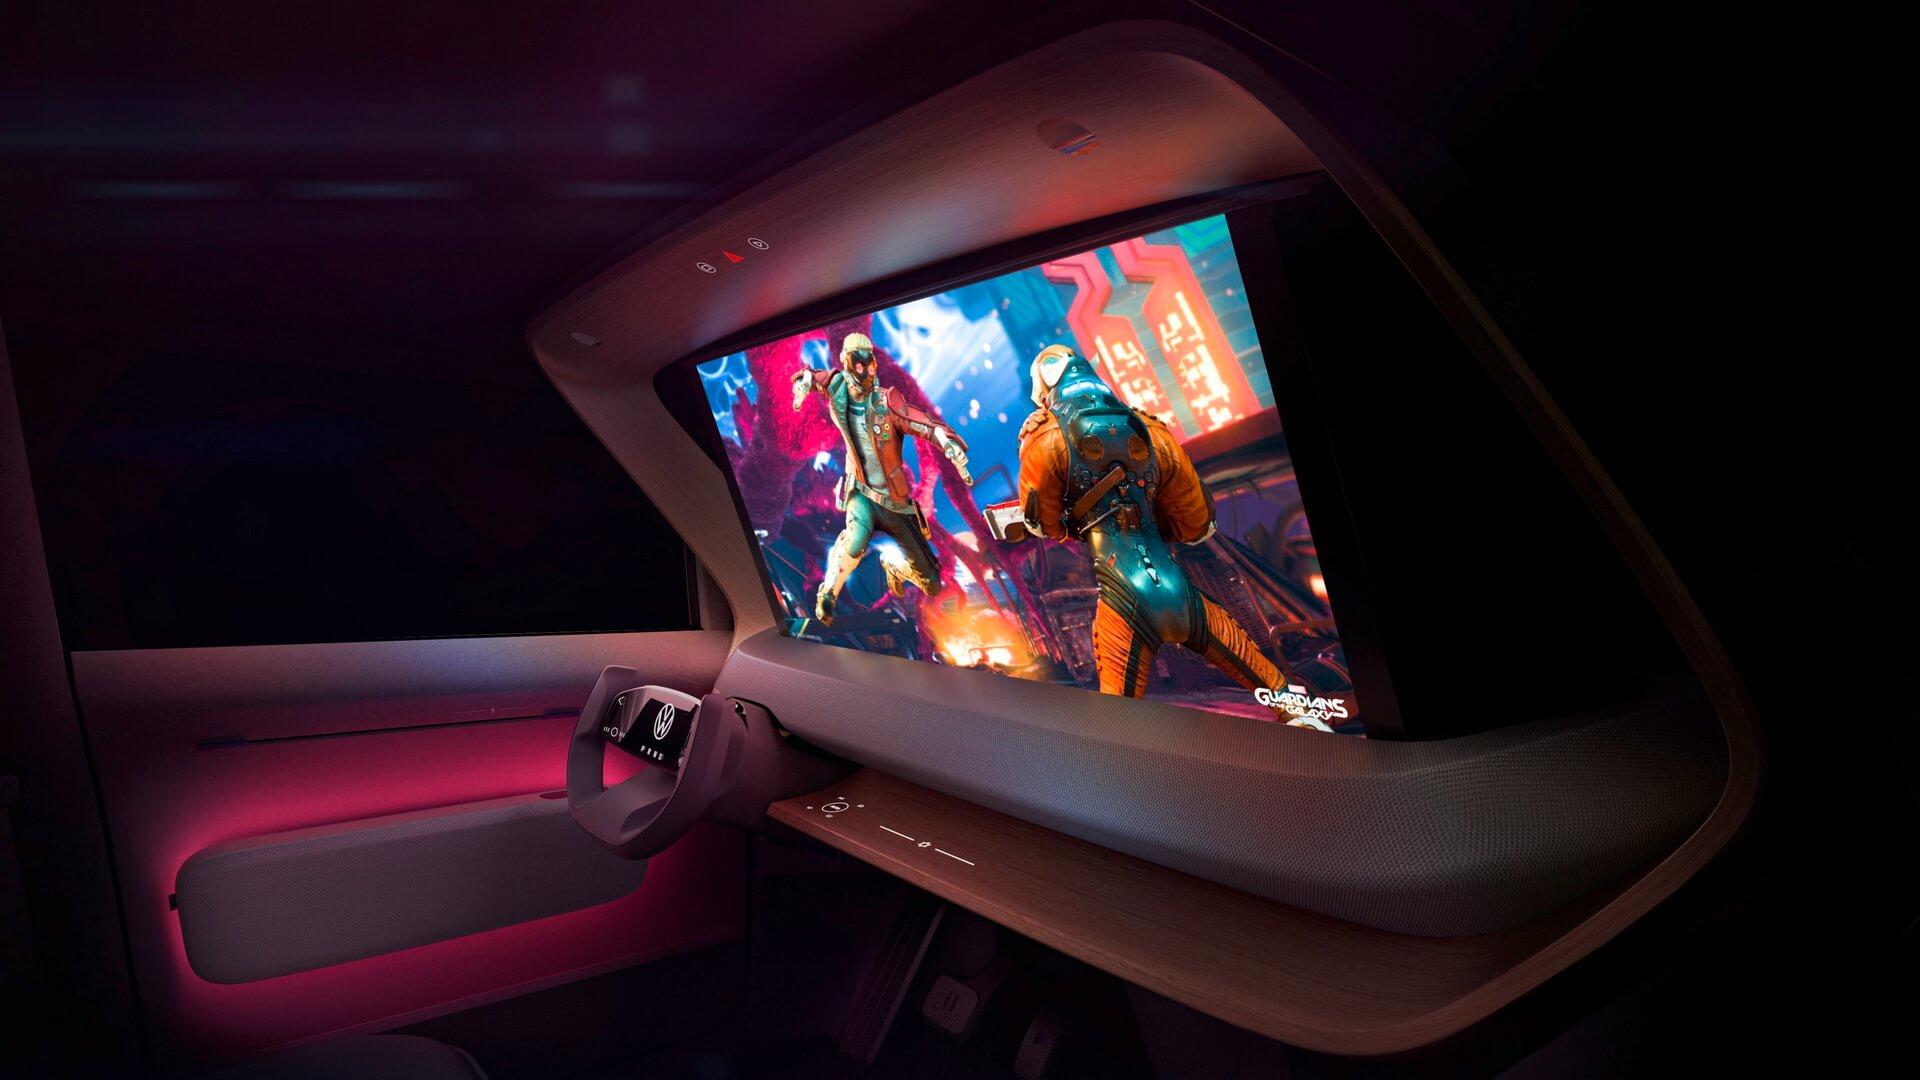 Концепт-кар Volkswagen ID. LIFE представлен с игровой консолью и проектором, который выводит изображение на экран, выдвигаемый перед лобовым стеклом